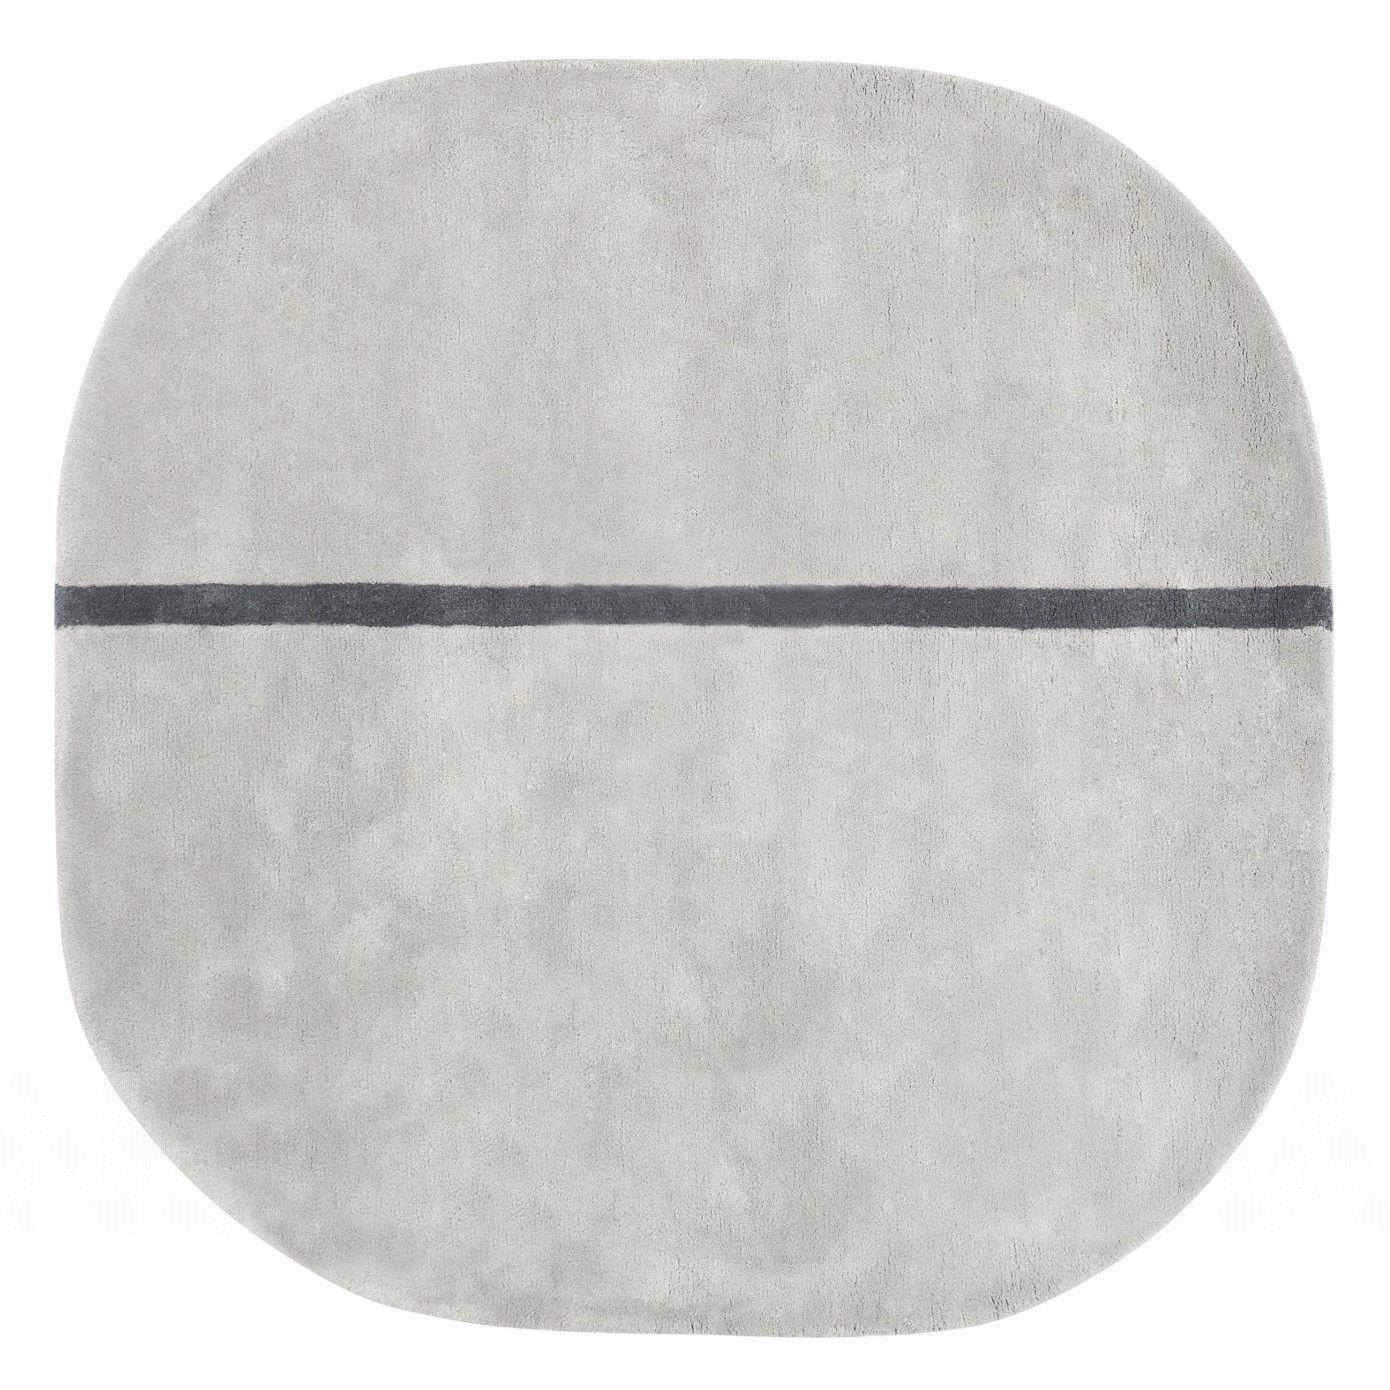 Interni - Tappeti - Tappeto Oona - - 140 x 140 cm di Normann Copenhagen - Grigio - Lana